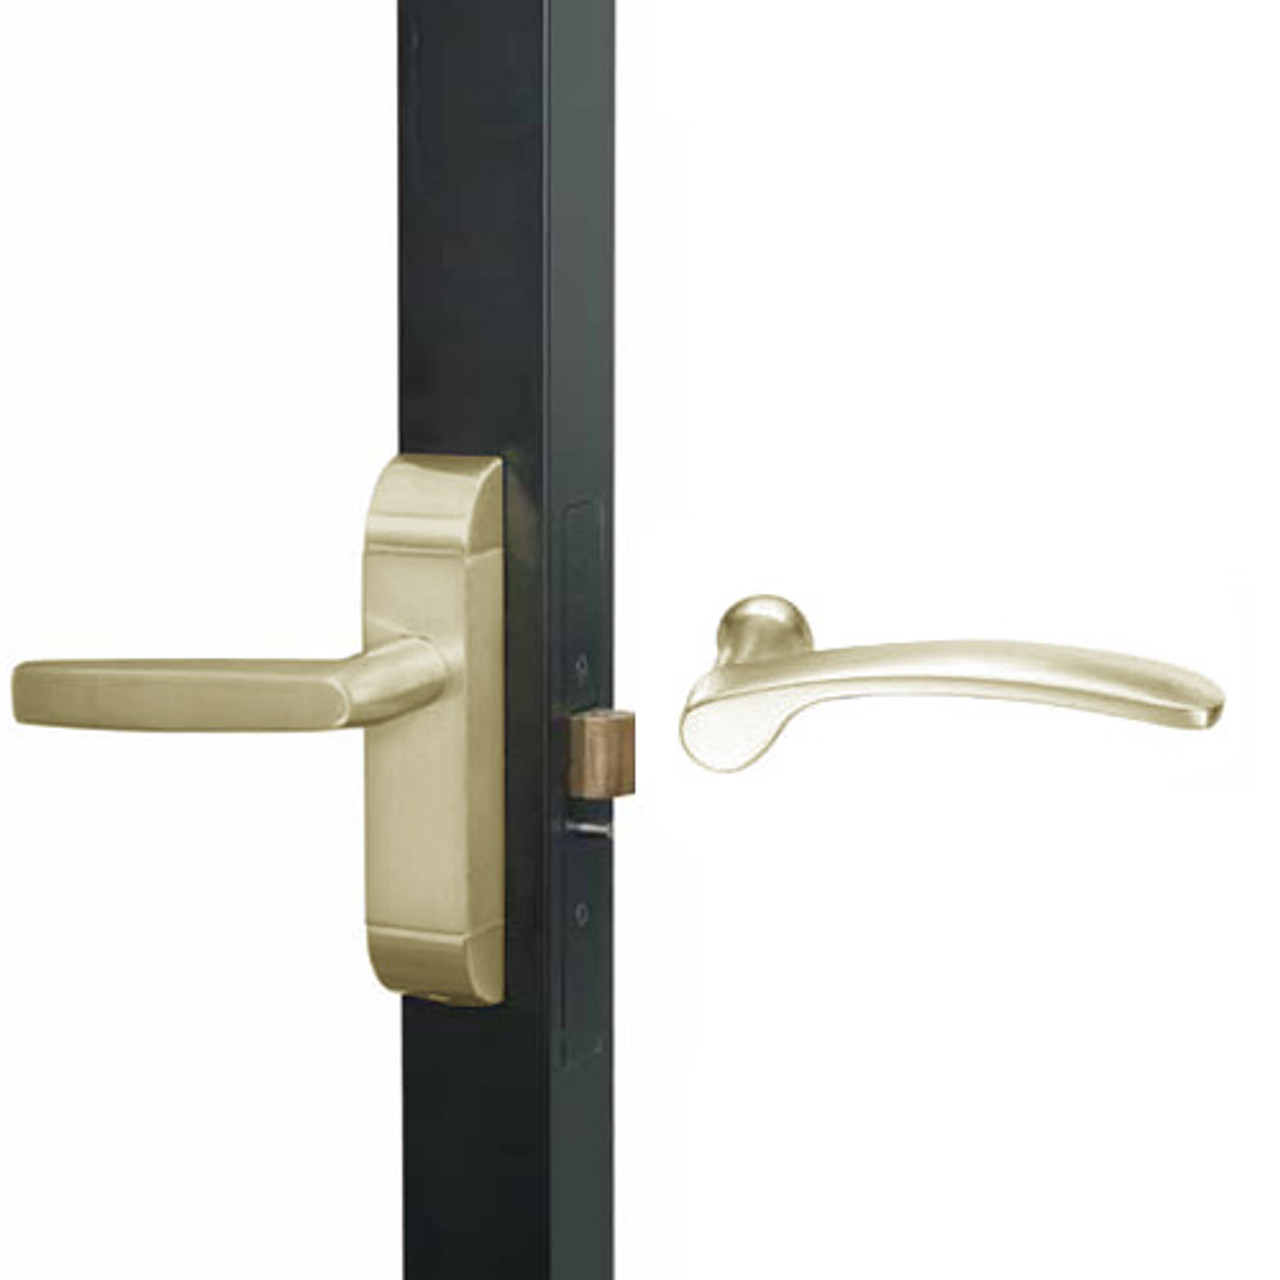 4600M-MN-531-US4 Adams Rite MN Designer Deadlatch handle in Satin Brass Finish